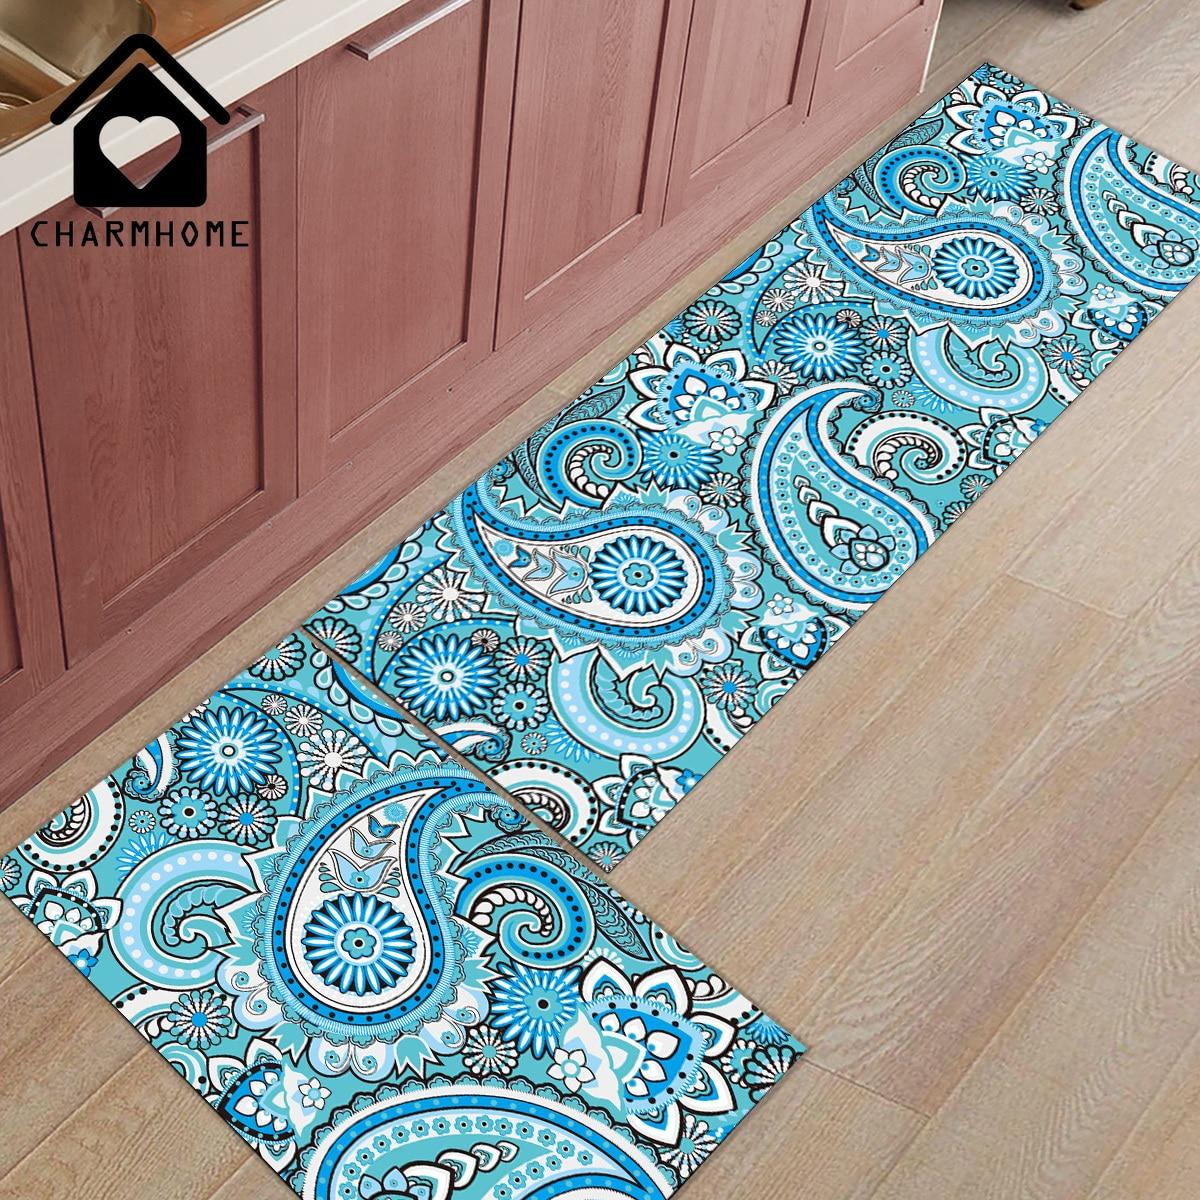 Charmhome 2pcs Set Blue Pellis Vortex Long Kitchen Mat Bath Carpet Floor Mats Home Entrance Doormat Bedroom Living Room Rug Mat Aliexpress